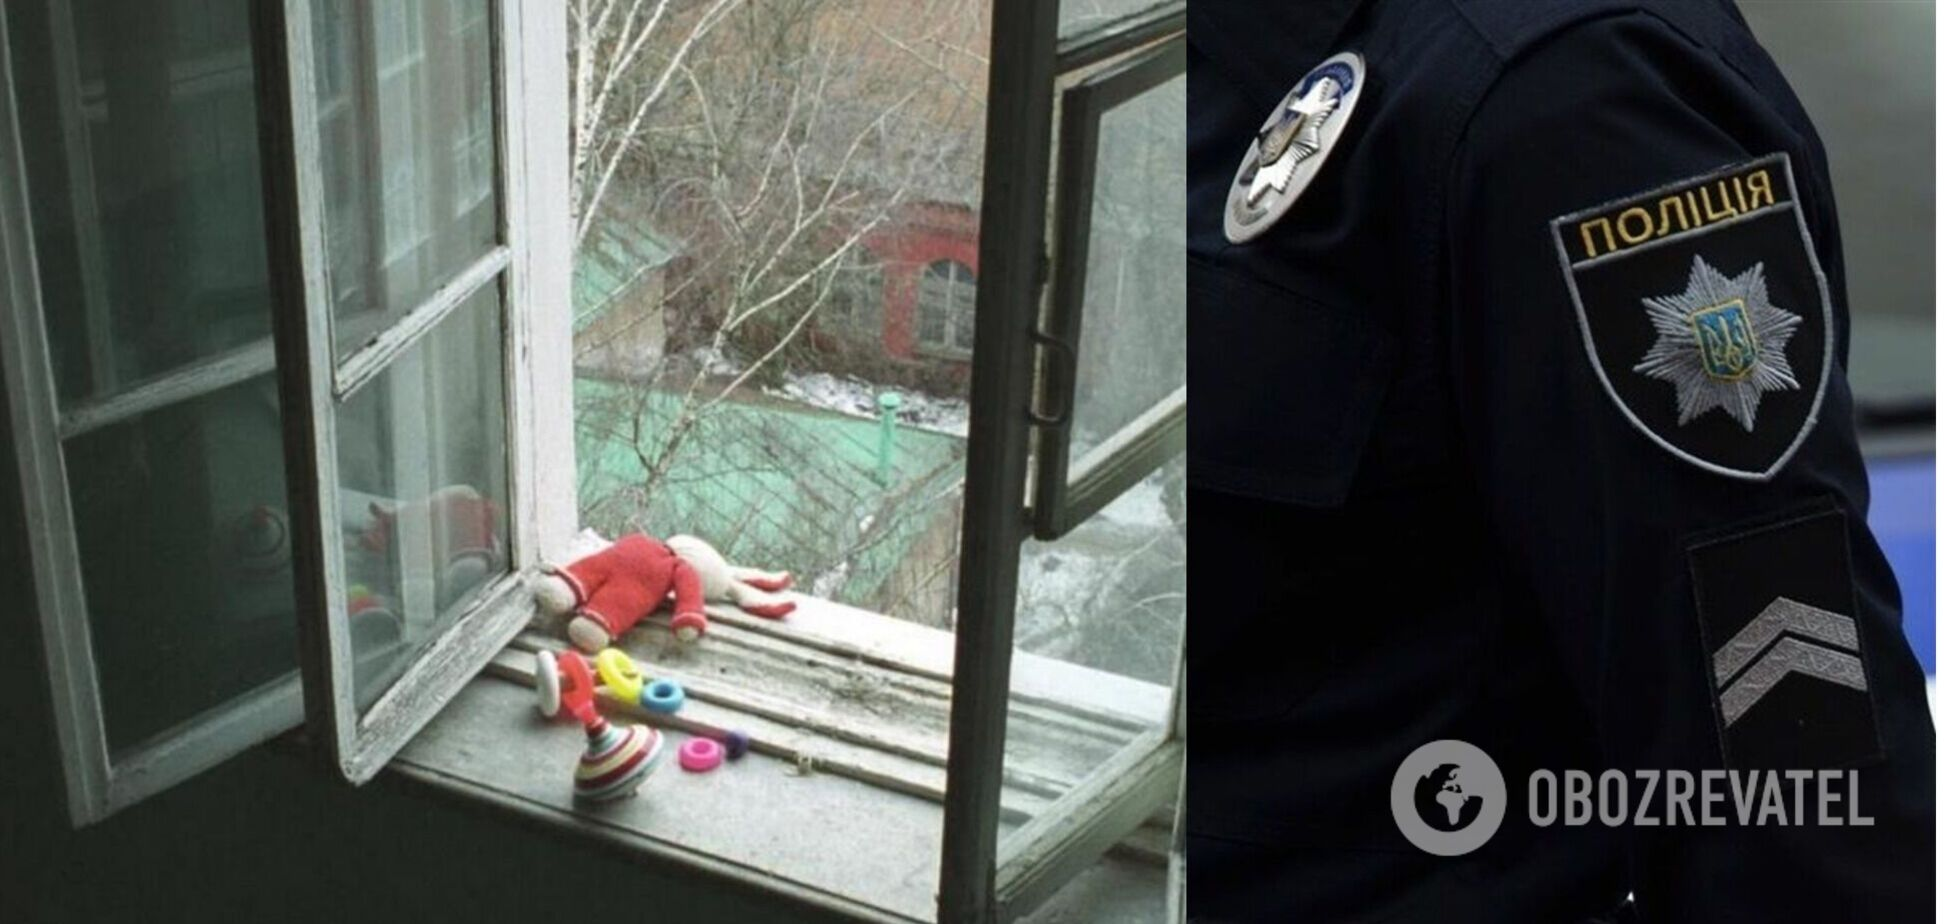 Ребенок выпал из окна квартиры